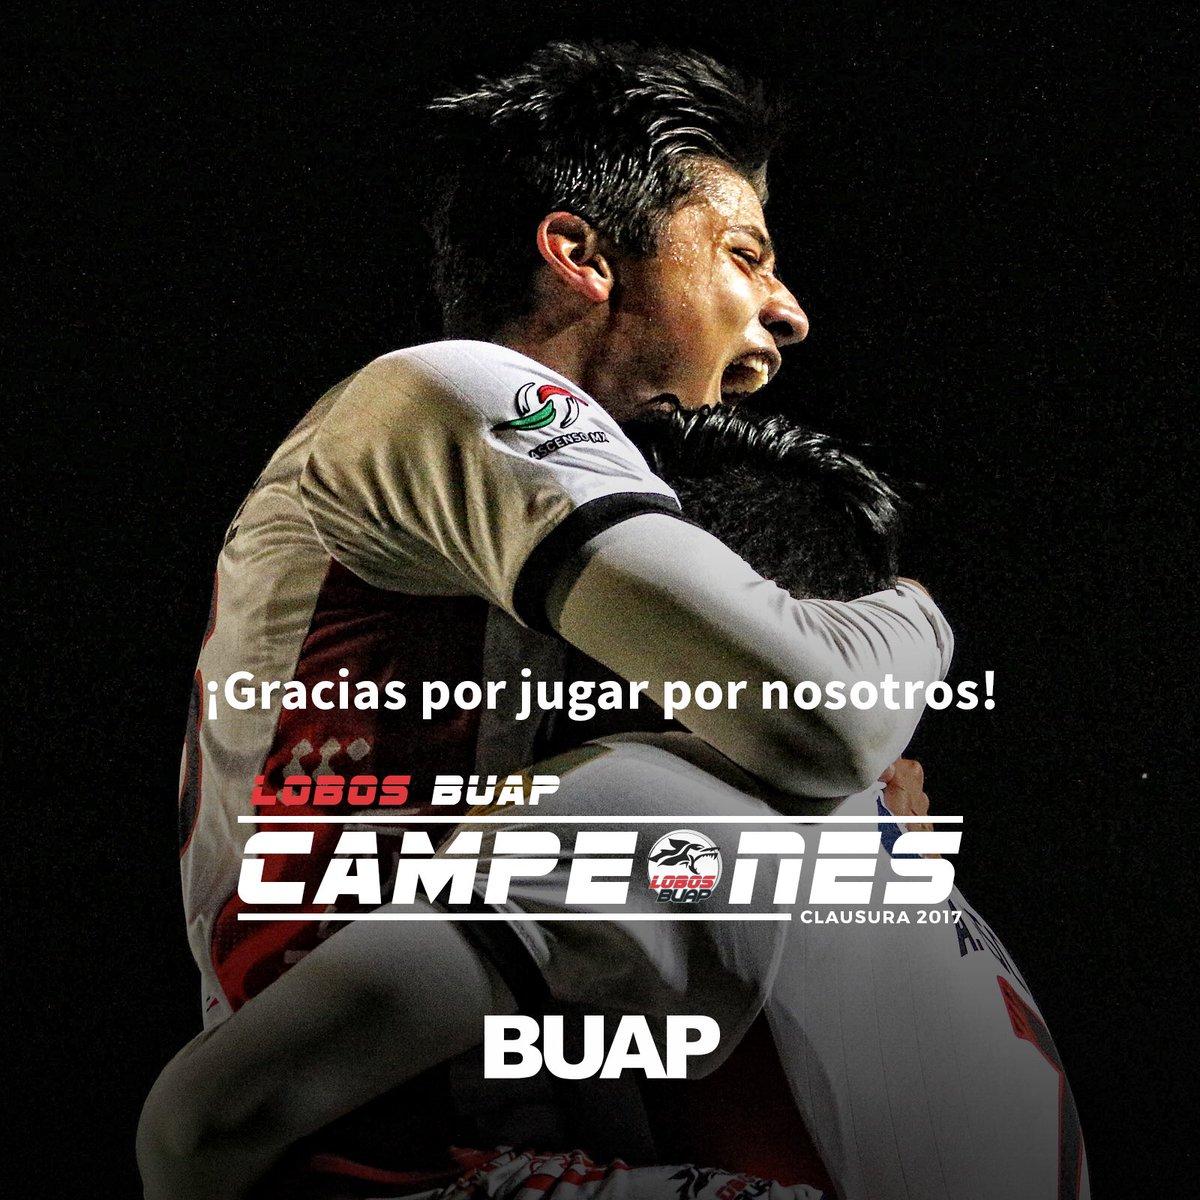 Felicidades @LobosBuapMX Campeones de la Liga de @AscensoMX 2017 #SomosUnSoloEquipo https://t.co/O4MG66WVl4